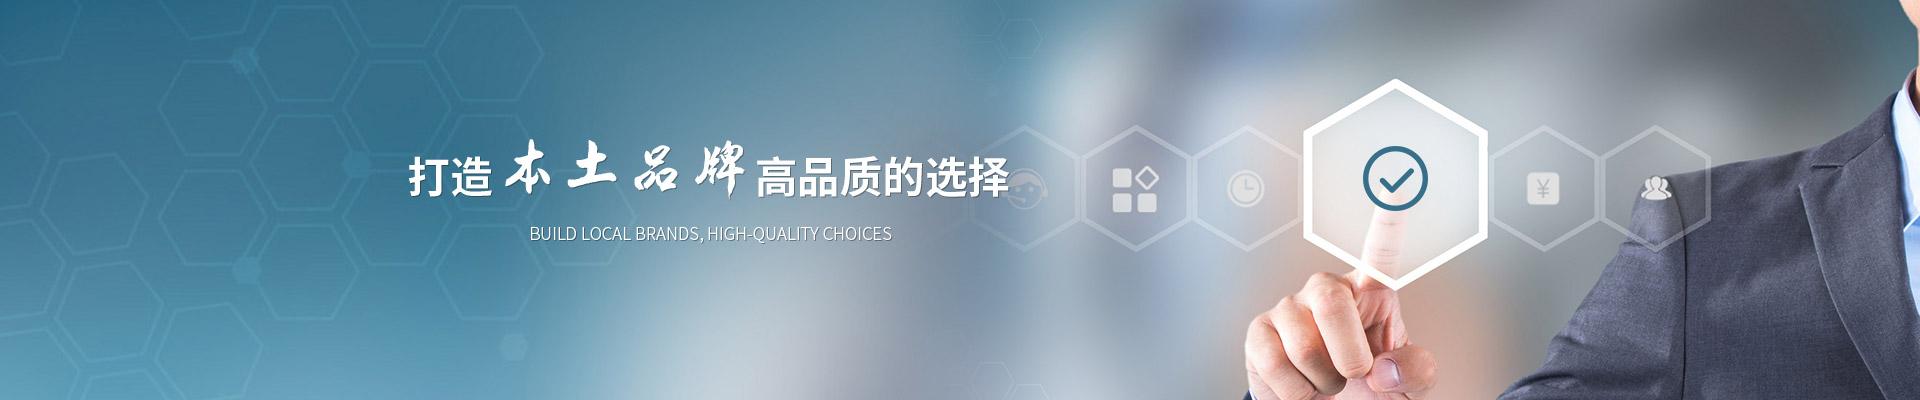 吴江区建设智能电网项目开发要求